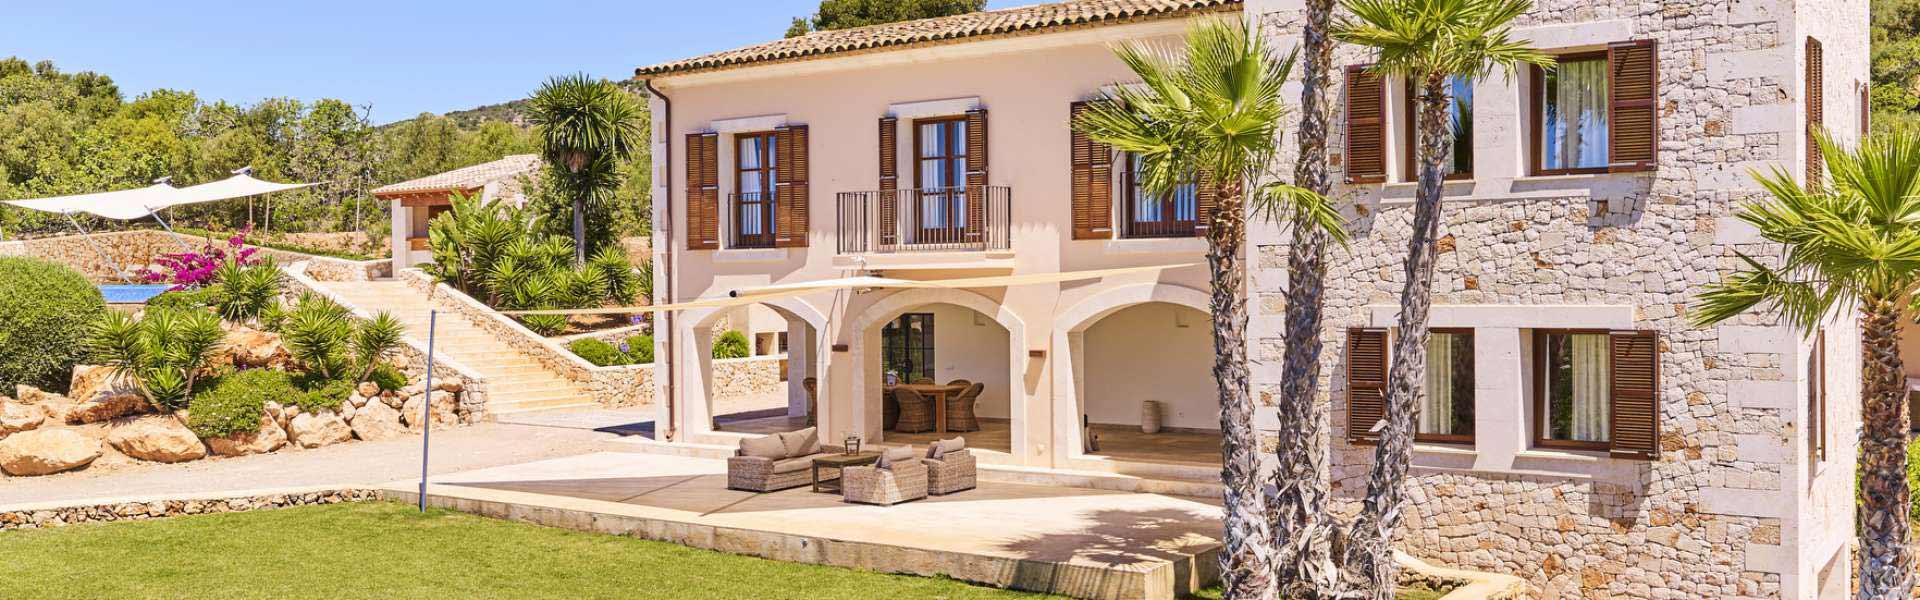 Montemar S.L. - Die schönsten Fincas auf Mallorca